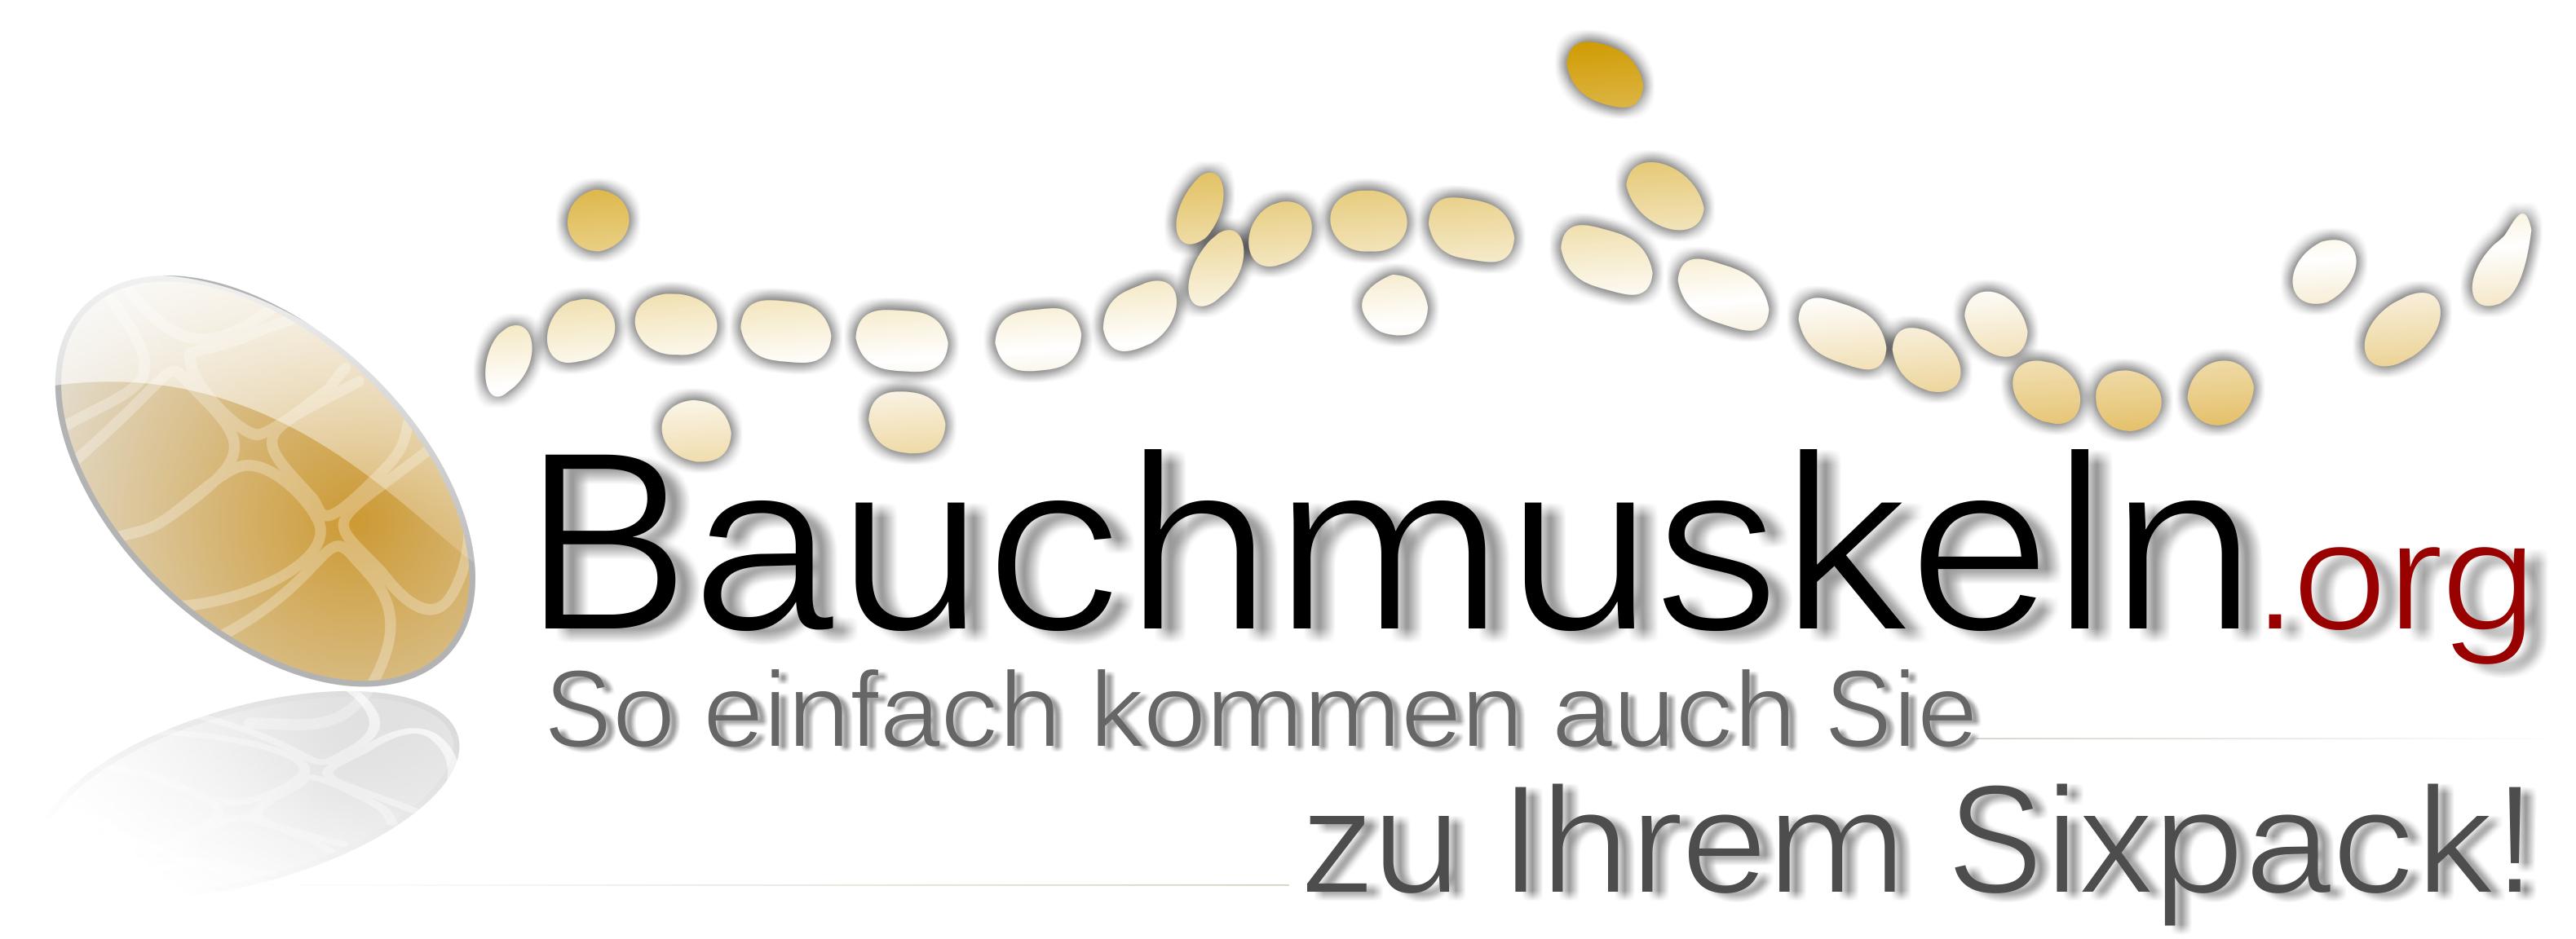 Bauchmuskeln.org